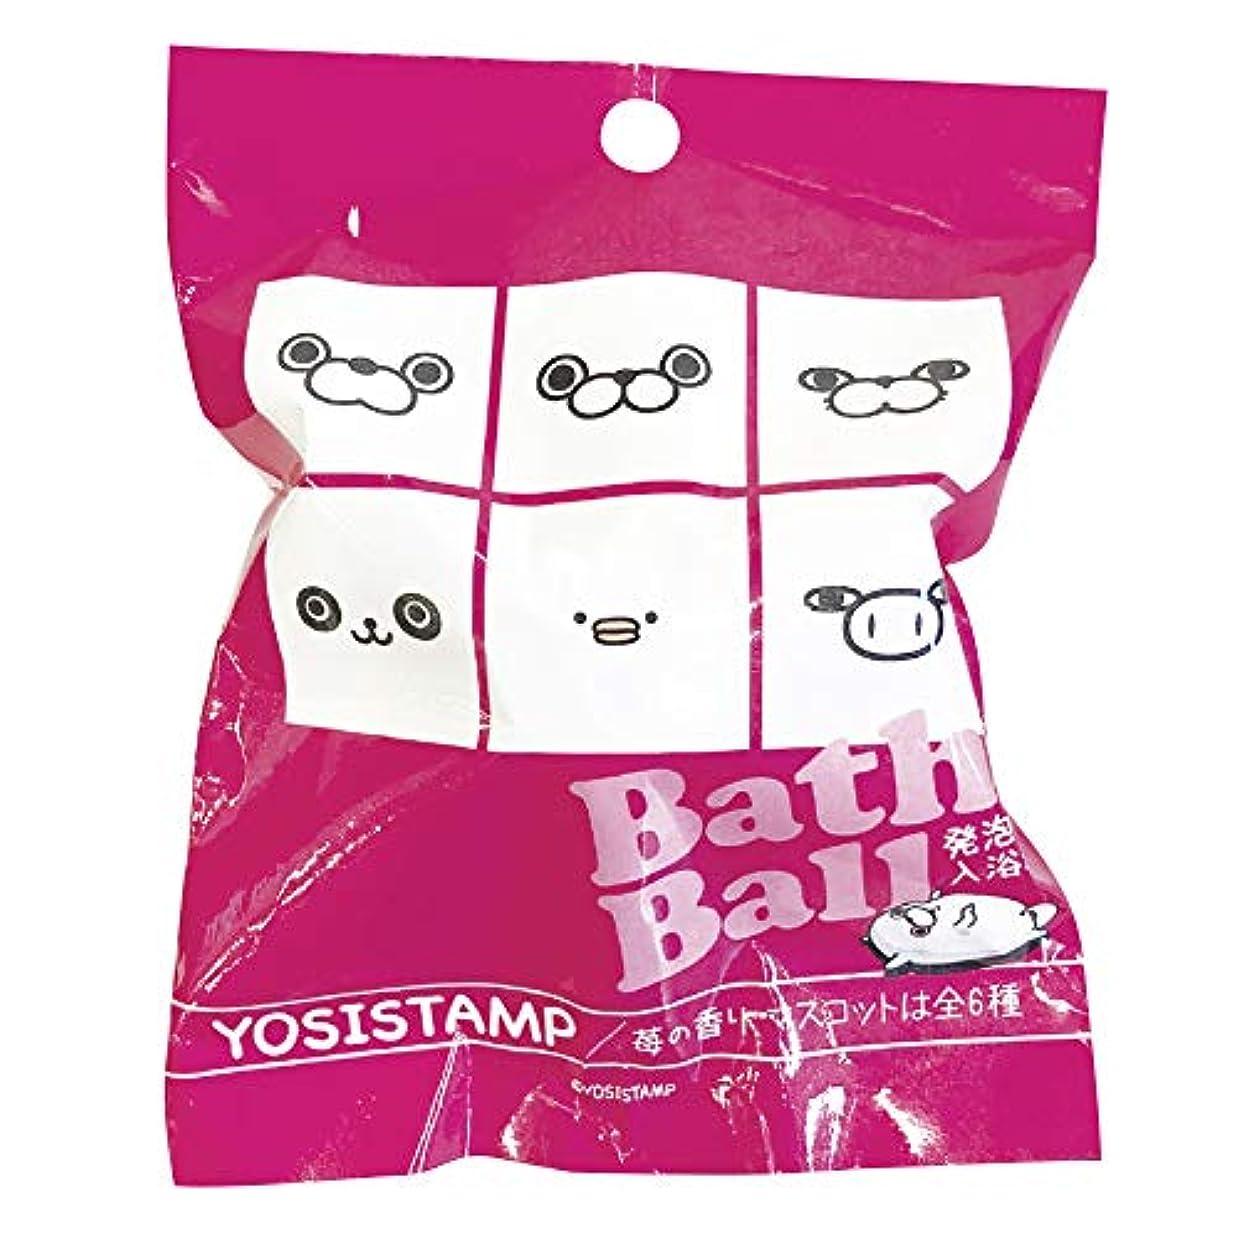 人質穏やかないつヨッシースタンプ 入浴剤 バスボール おまけ付き イチゴの香り ABD-004-002